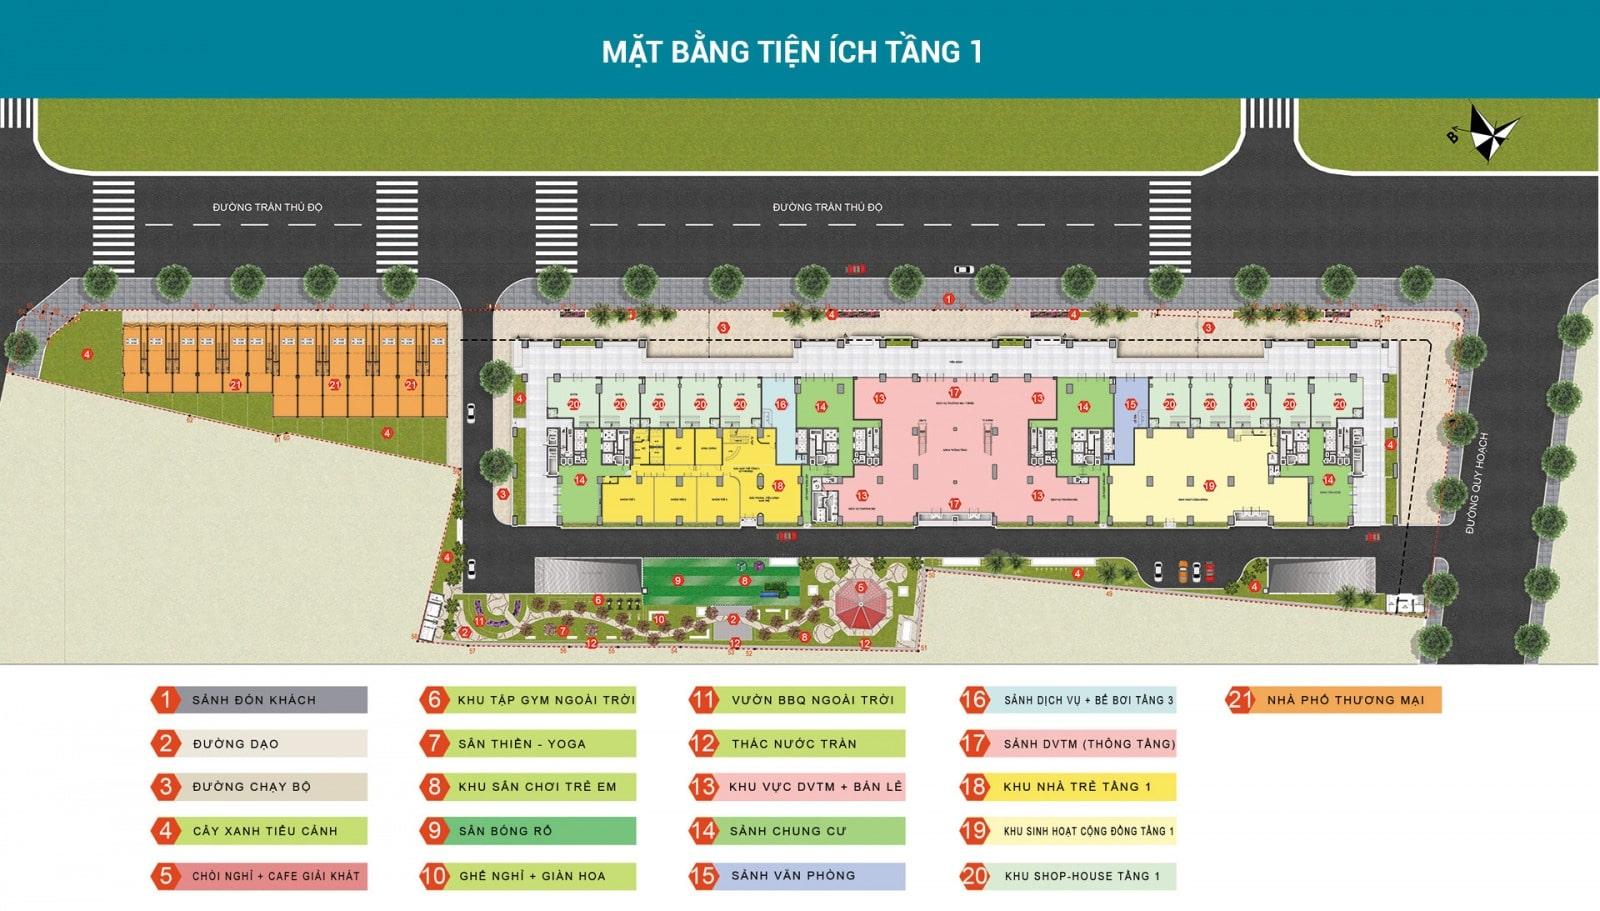 MB-tien-ich-tang-1-phuong-dong-green-park-tran-thu-do24-1-min